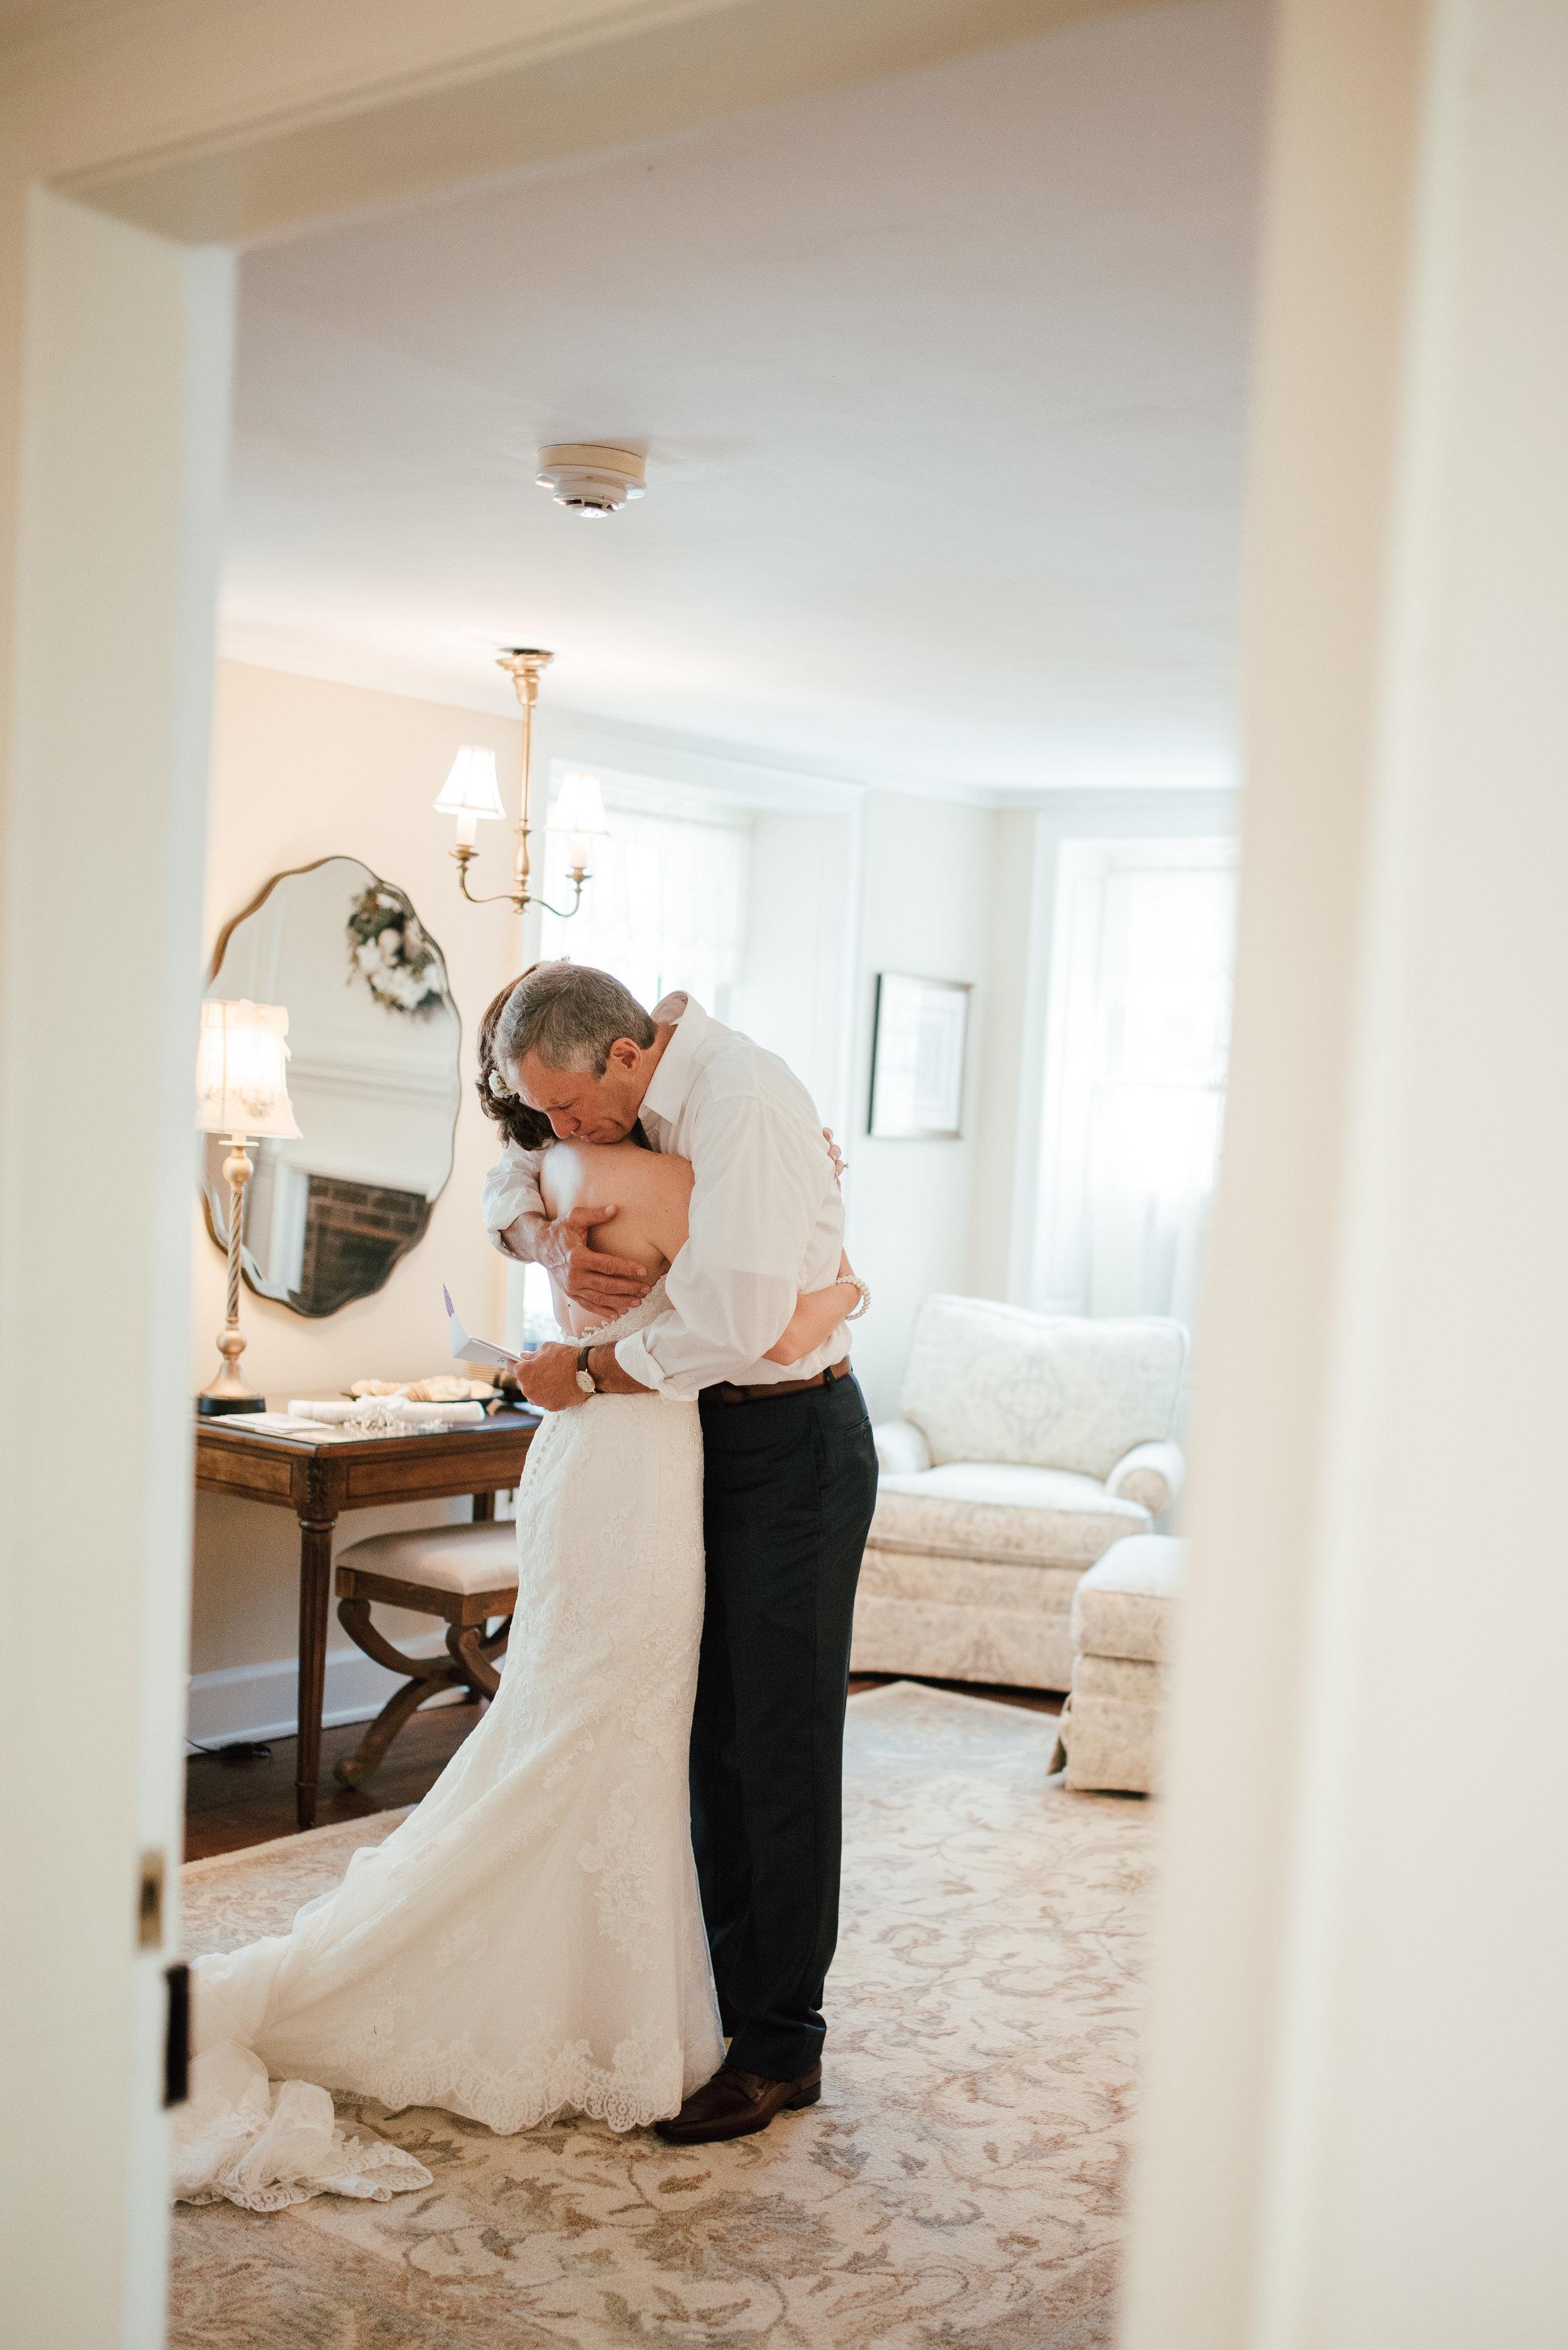 LUV LENS _WEDDING_ALYSSA PAUL SMALL-7.jpg